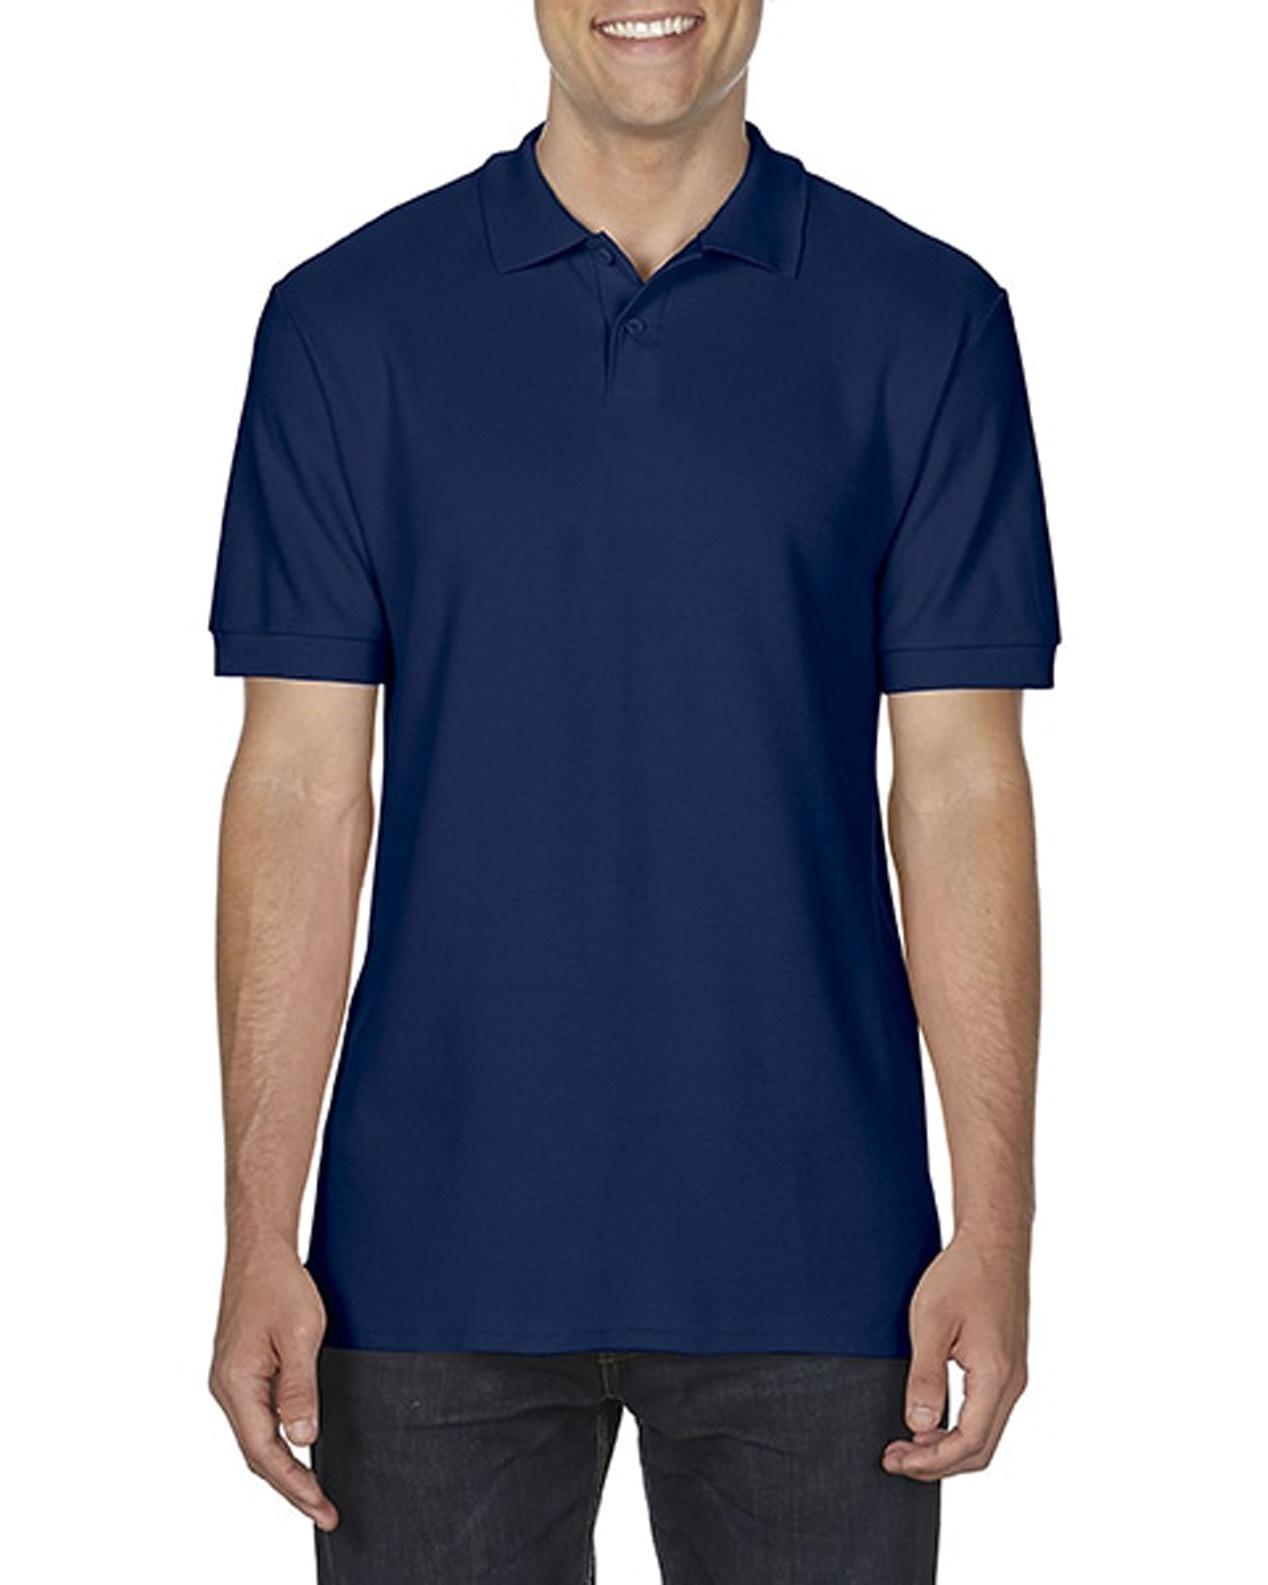 100 cotton Gildan polo shirt navy